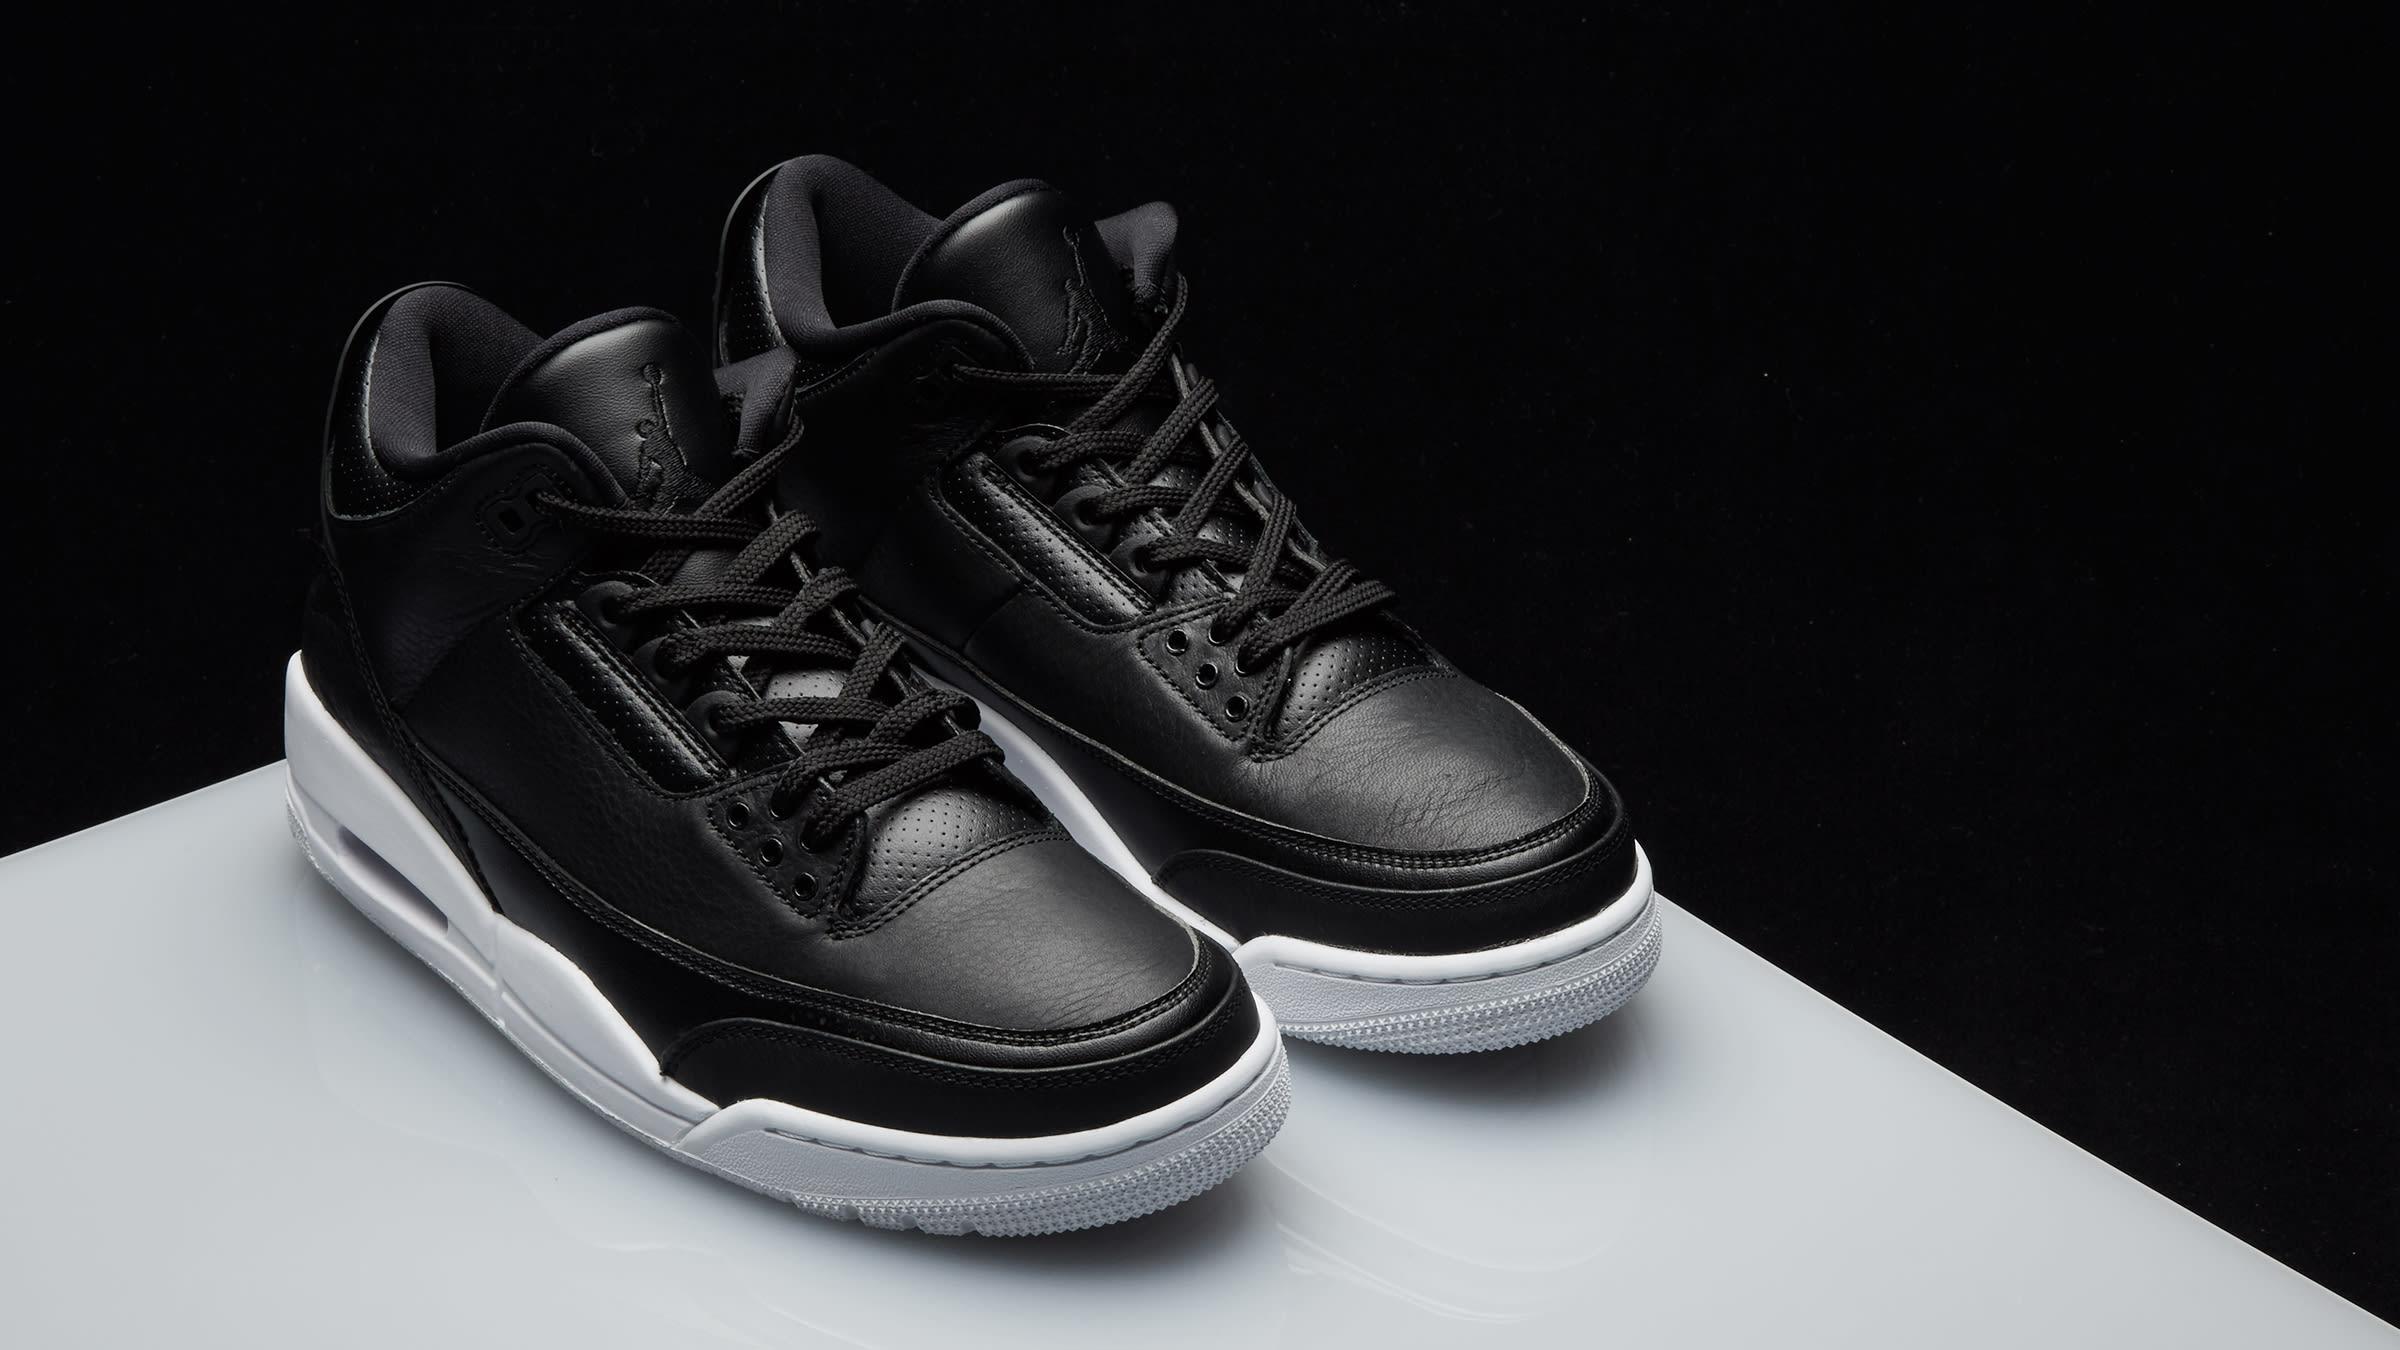 quality design 4e7e1 f5c9c Nike Air Jordan 3 Retro